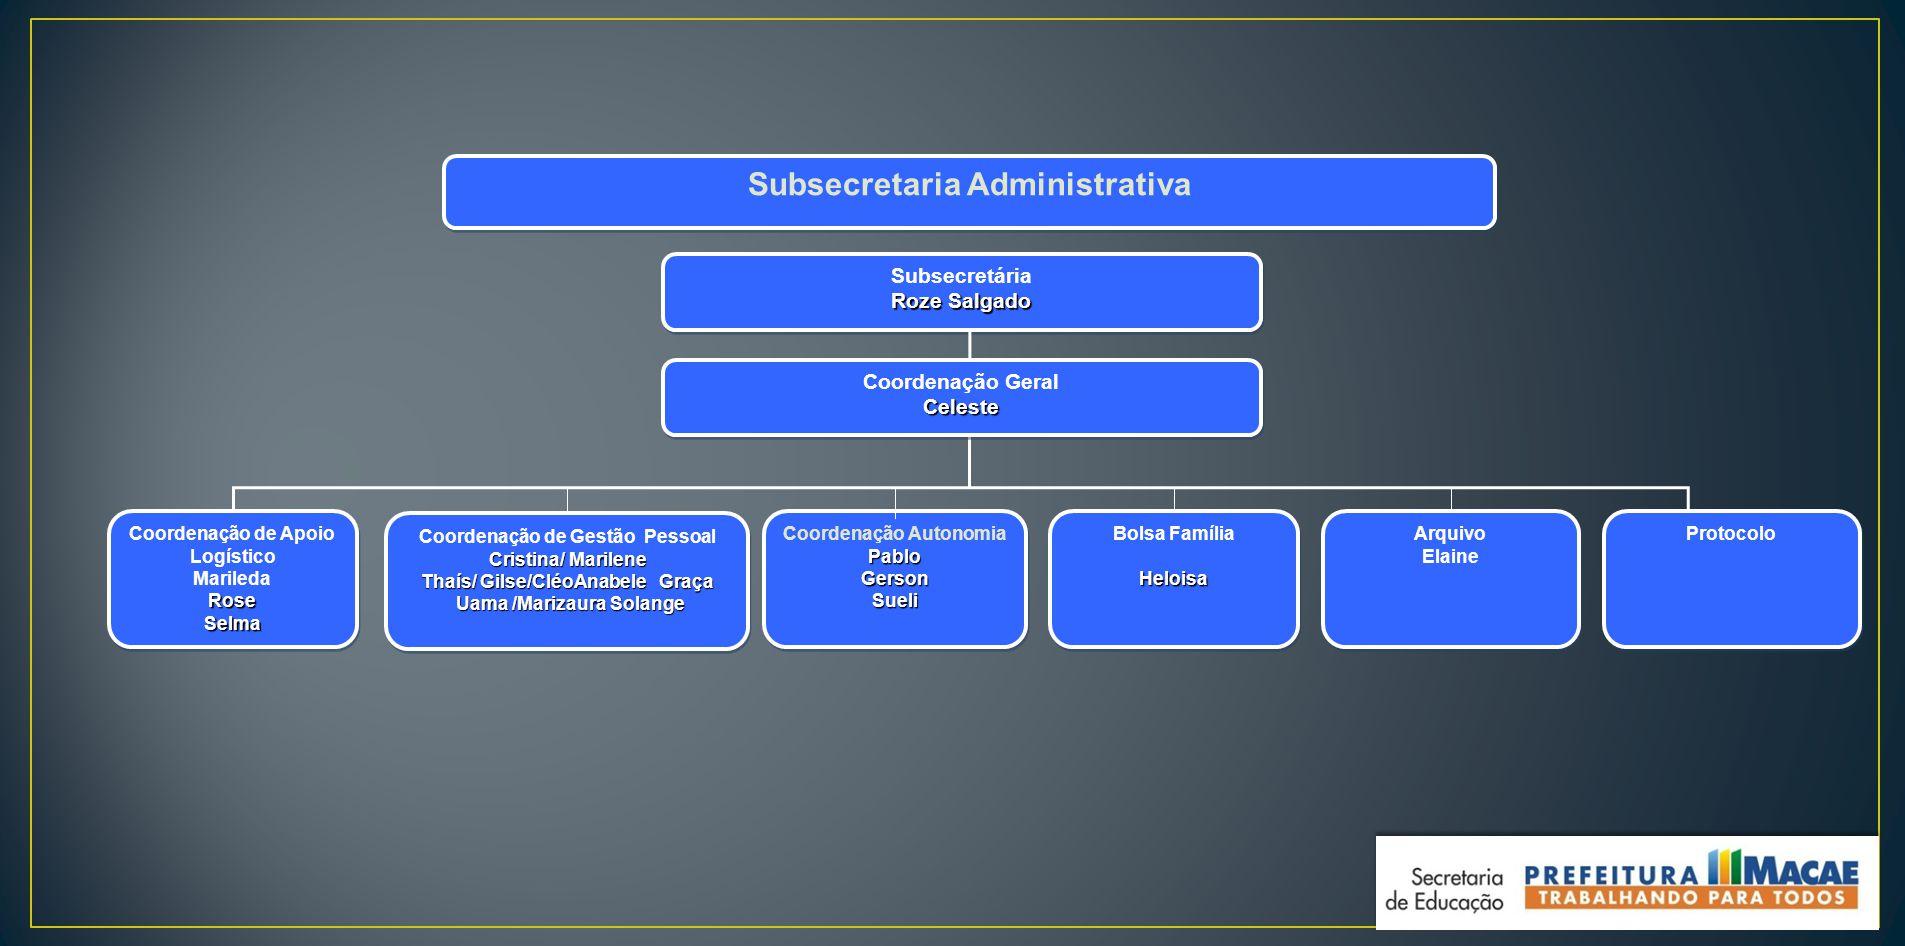 Subsecretaria Administrativa